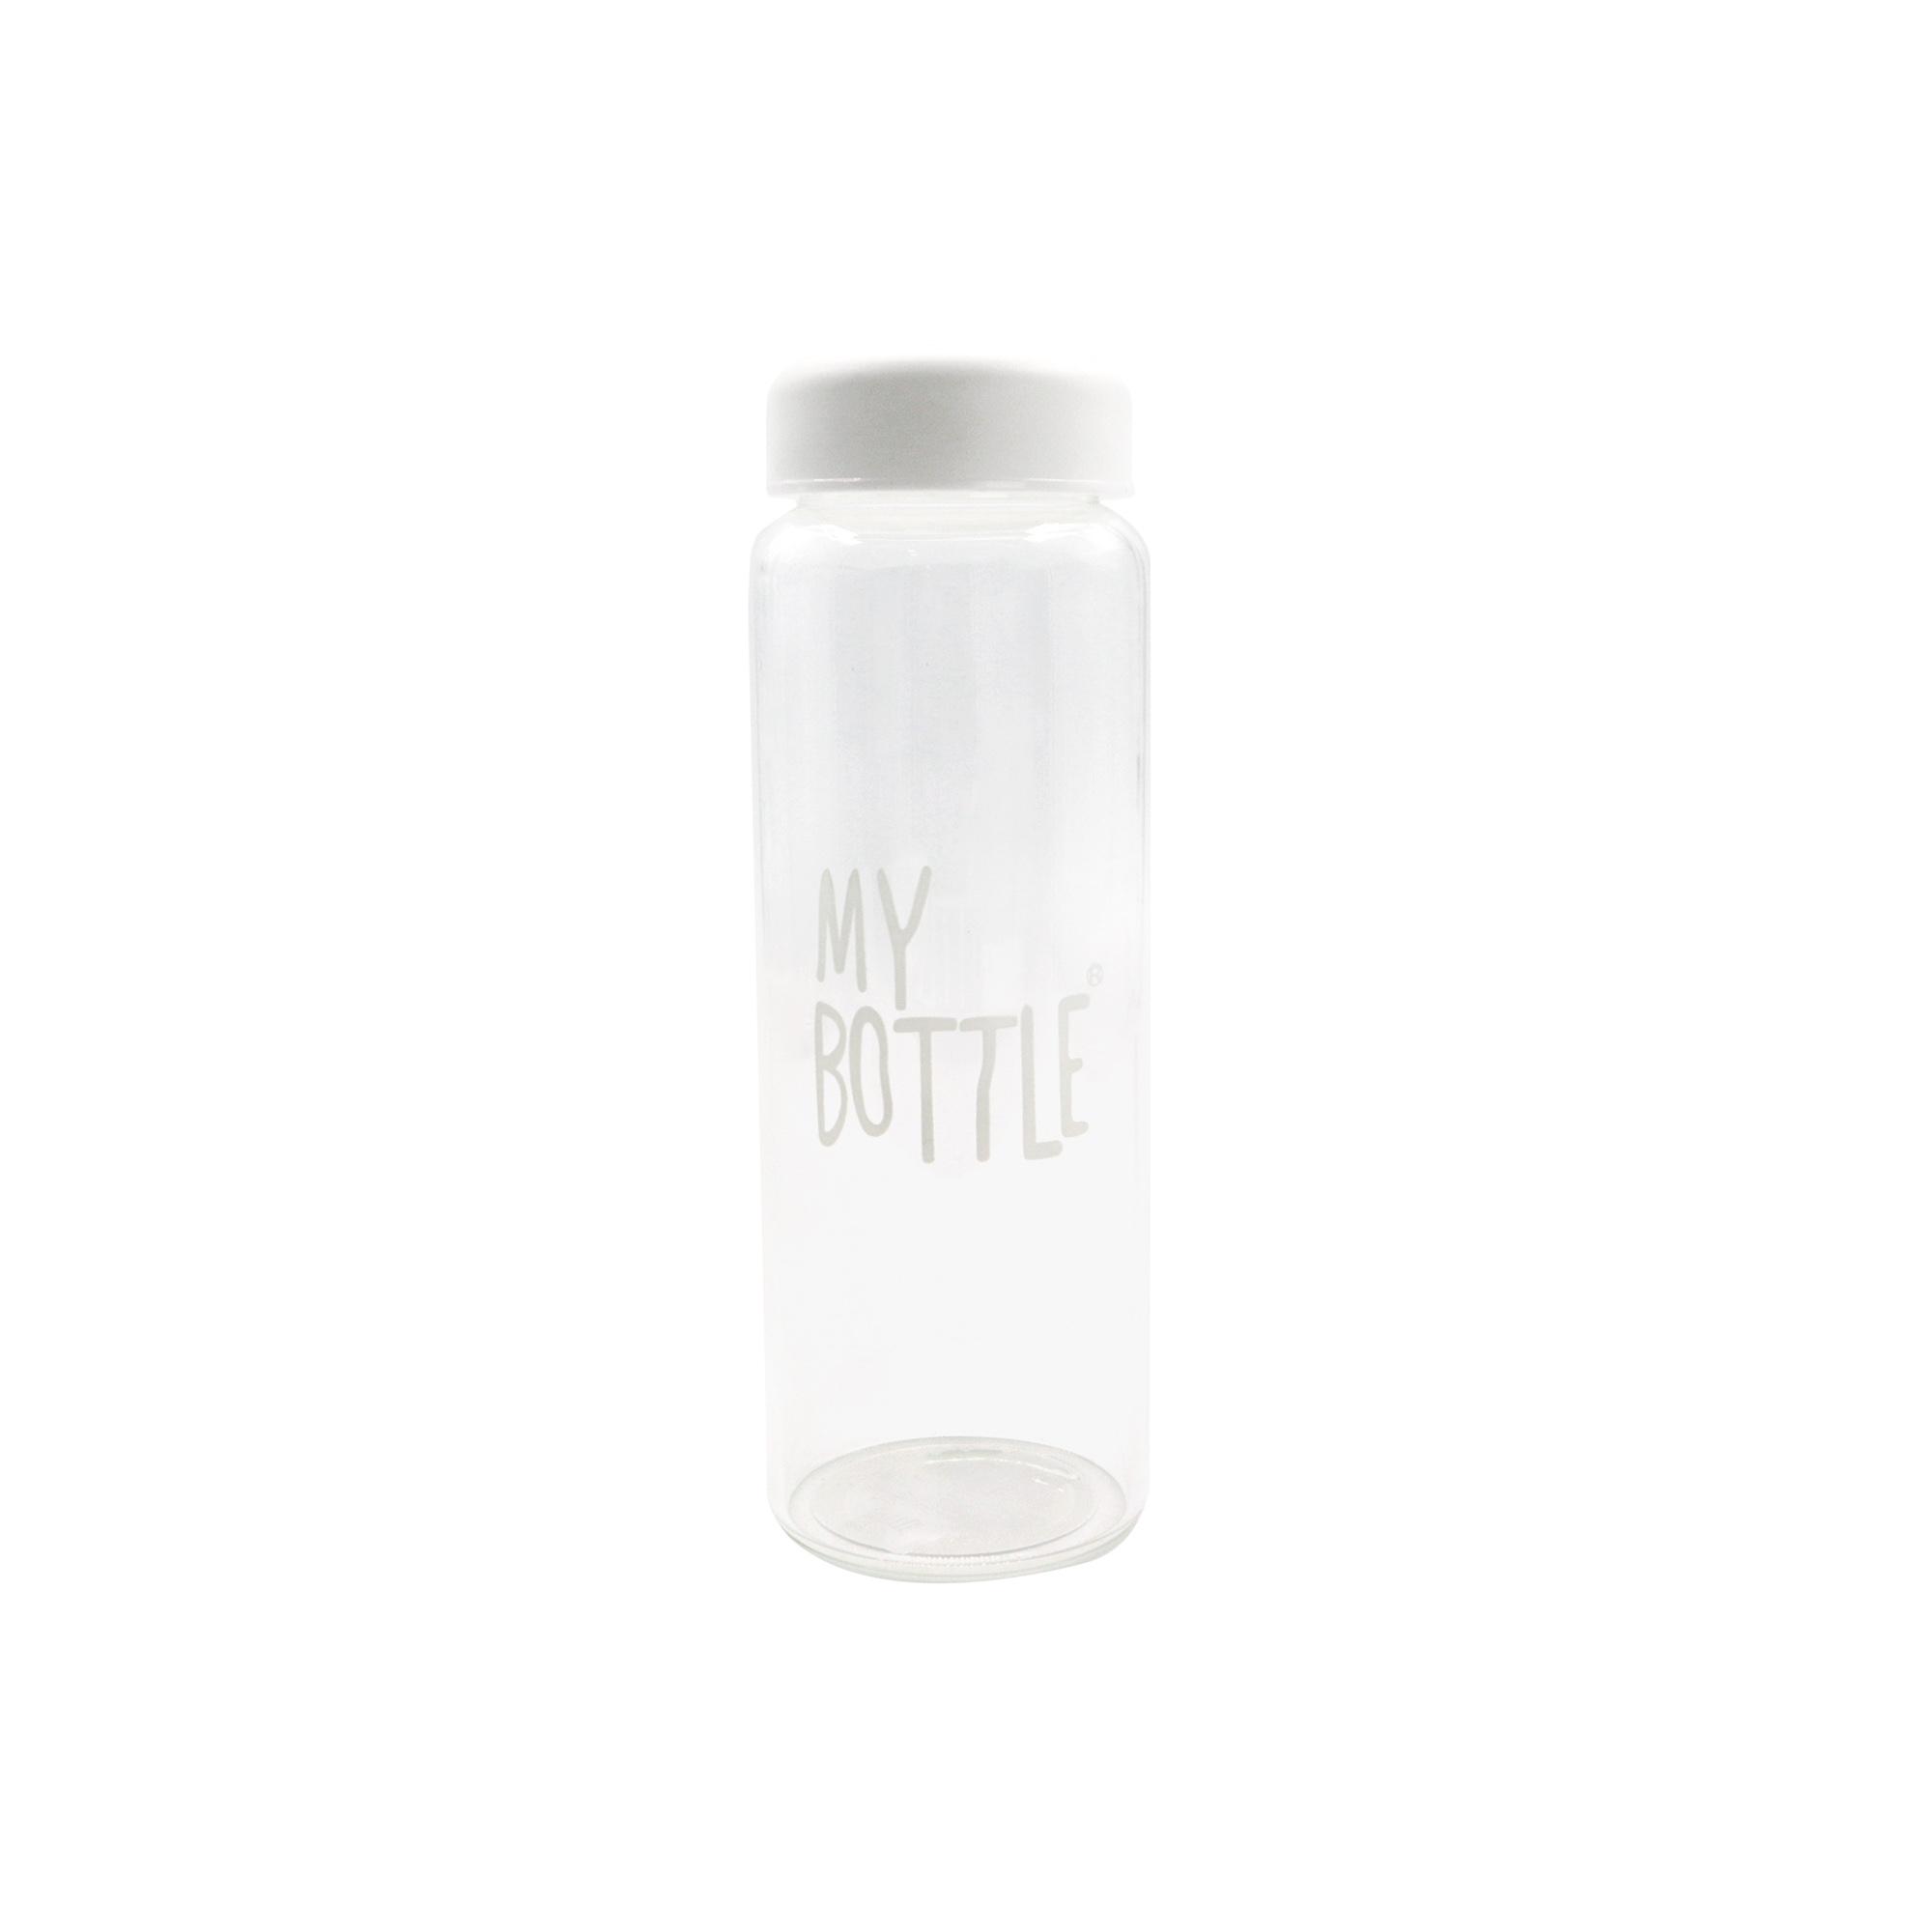 Beyaz Kapaklı Özel Keseli Cam Matara - My Bottle2